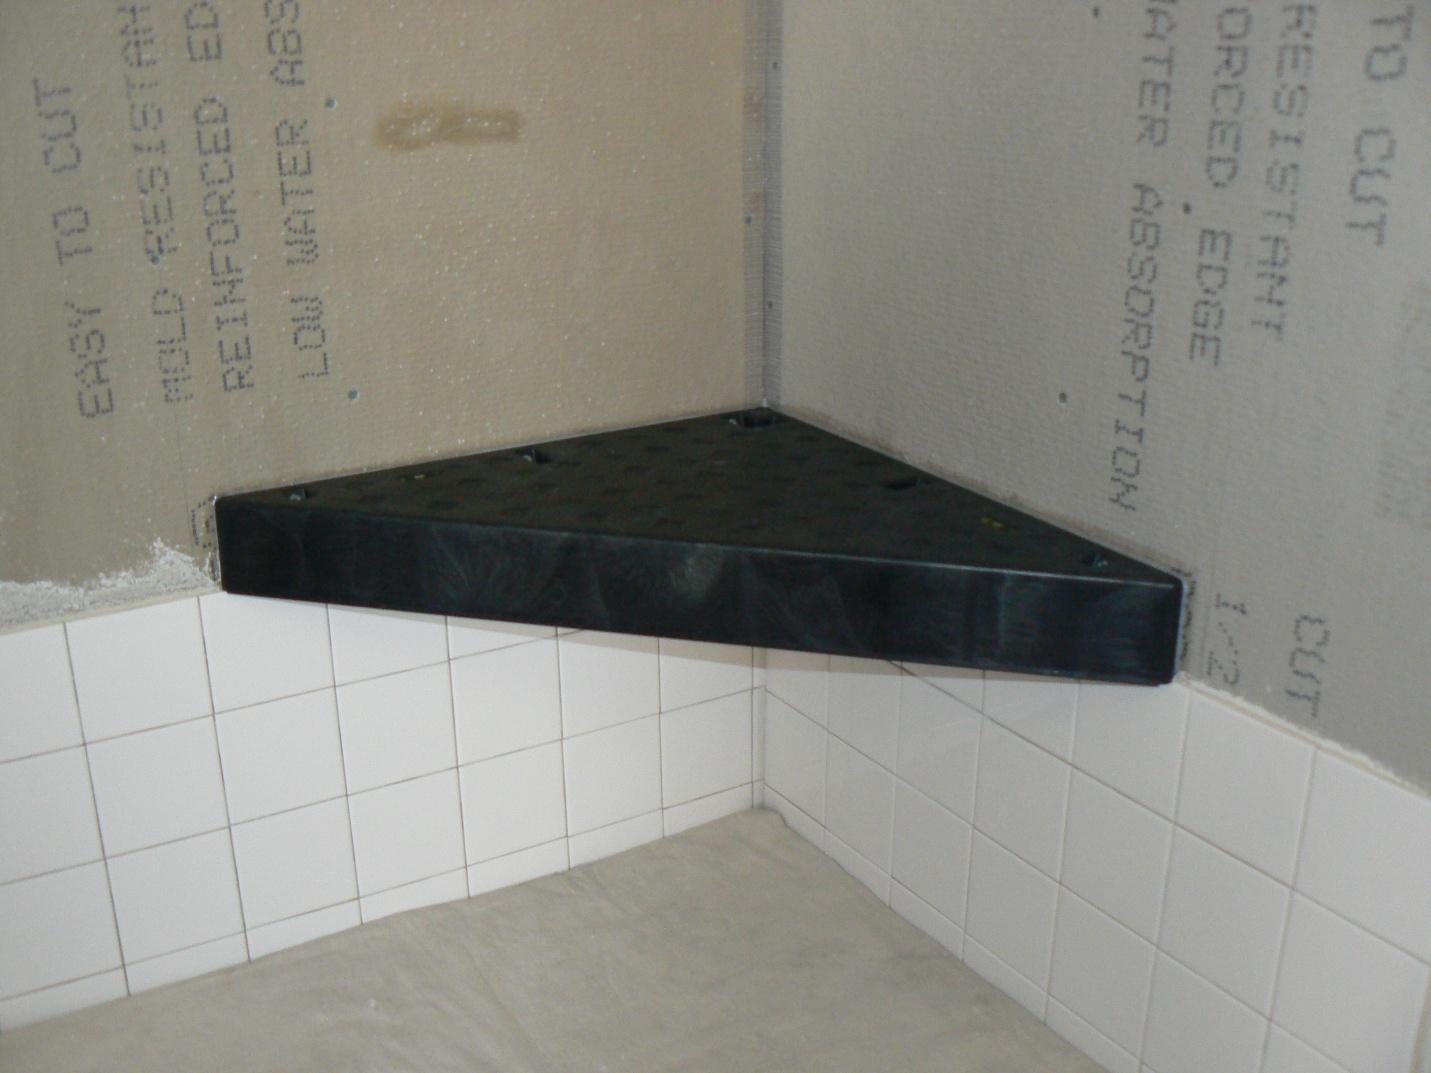 steam shower installation instructions